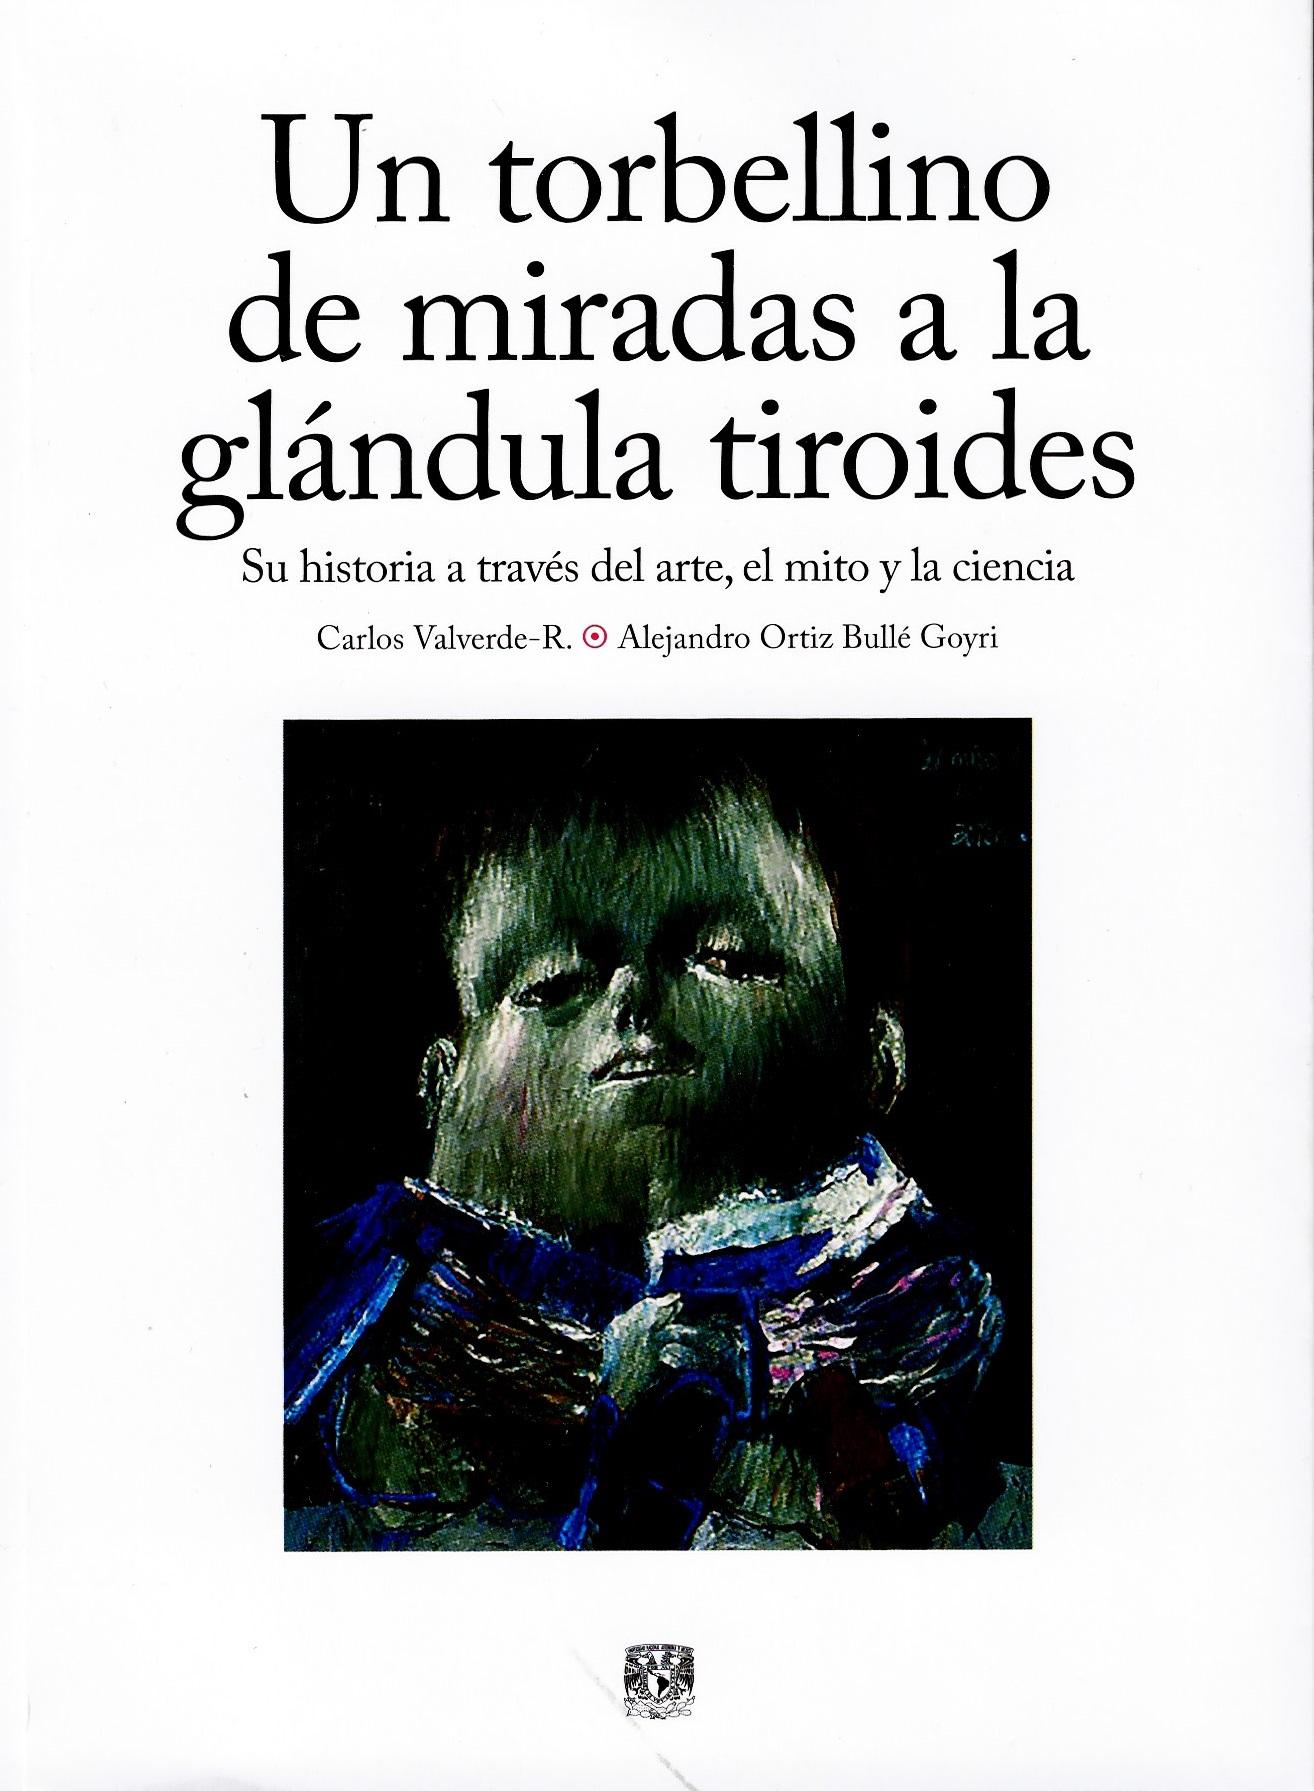 Un torbellino de miradas a la glándula tiroides: su historia a través del arte, el mito y la ciencia